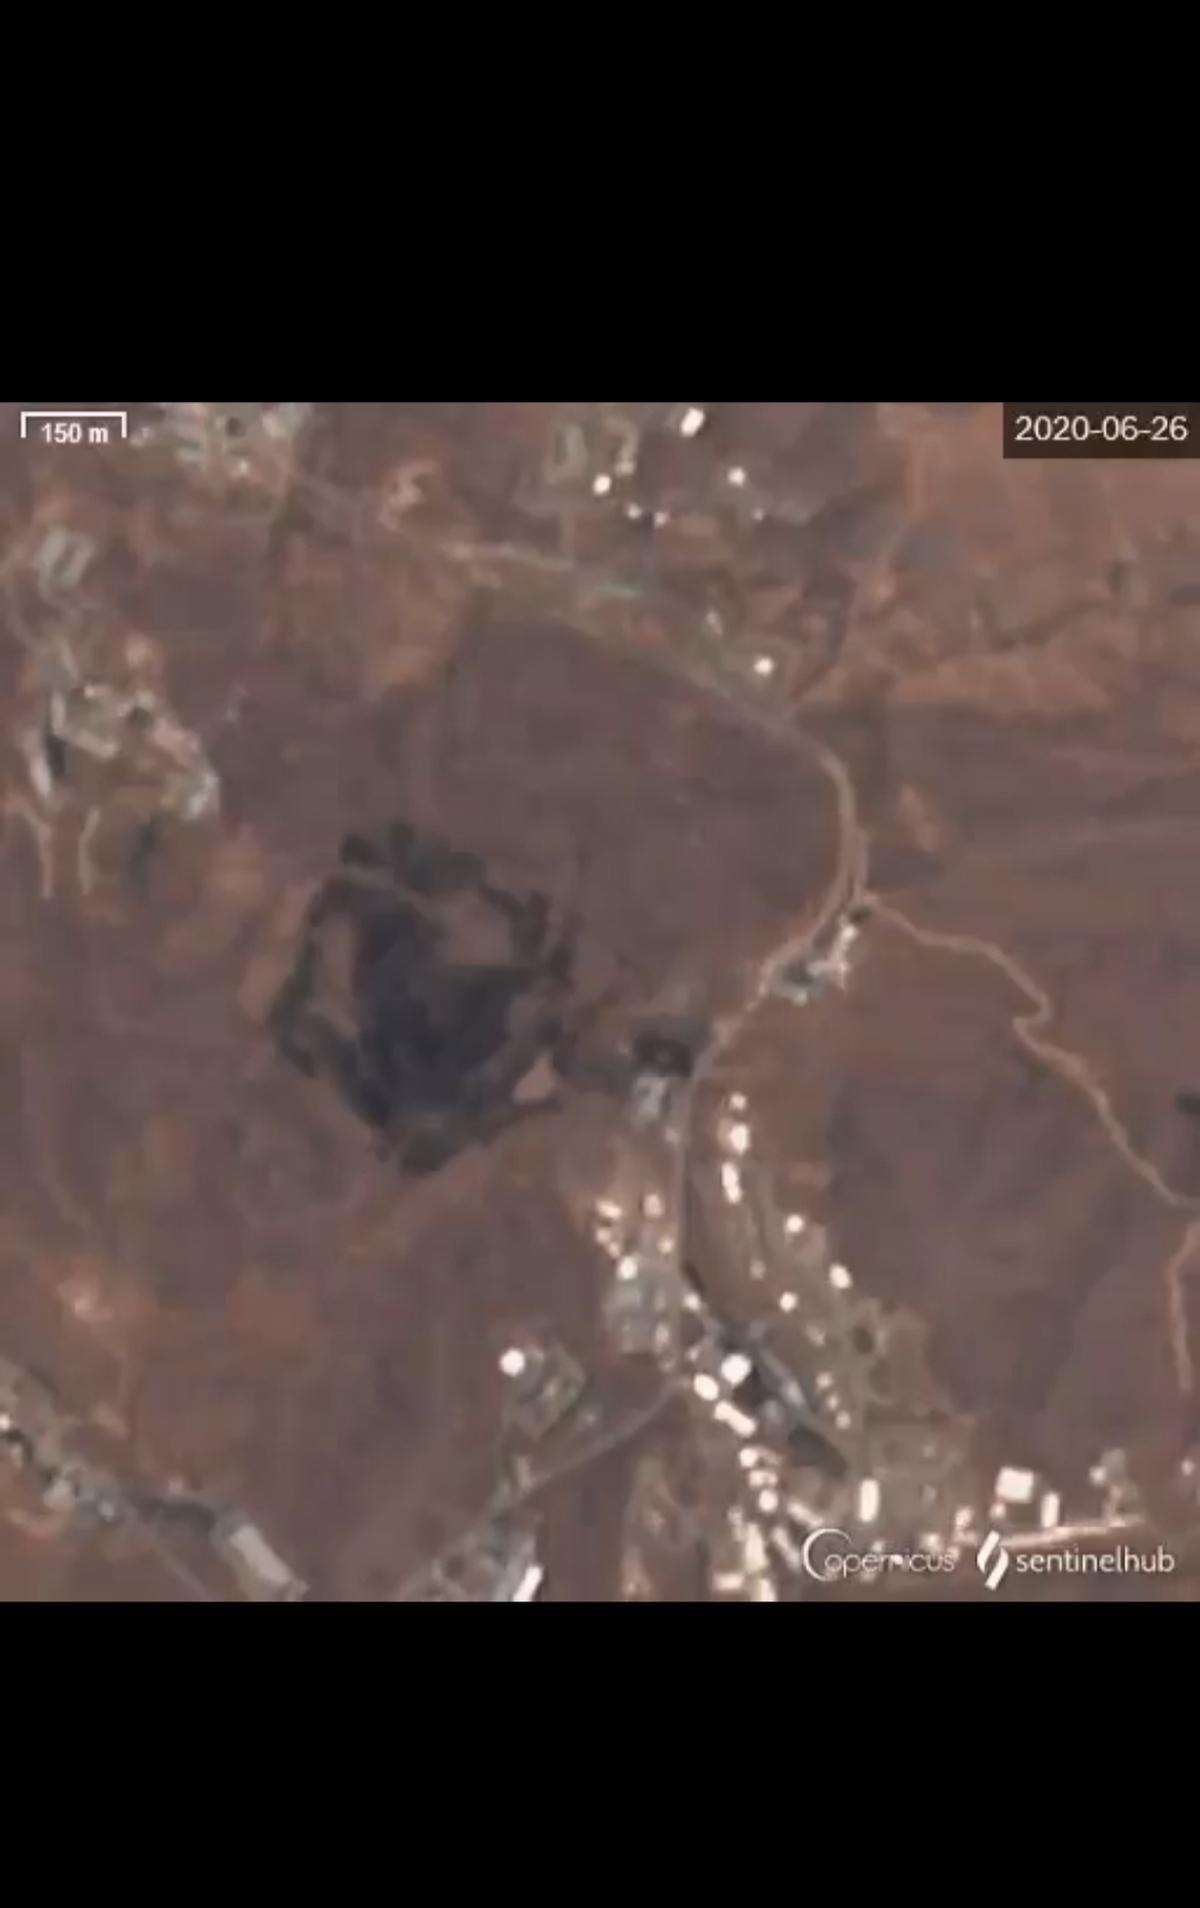 عکس ماهوارهای از وسعت انفجار قبل وبعد از حادثه پارچین + ویدئو